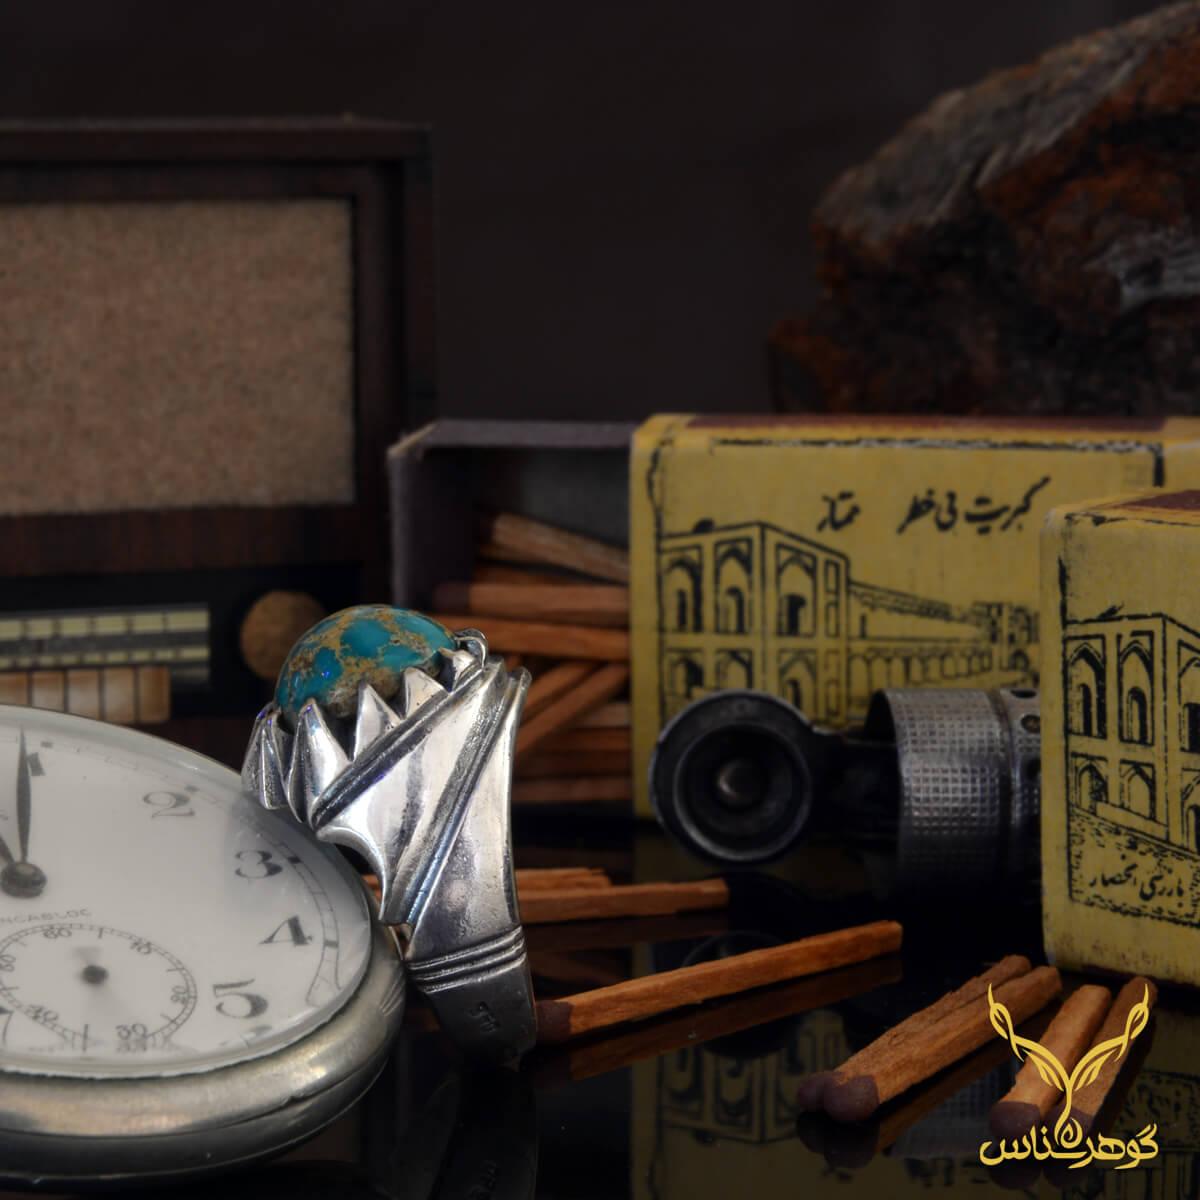 انگشتر انگشتر فیروزه کدEA0012 با رنگ خاص فیروزه نیشابوری و کیفیت باور نکردنی رکاب میتواند یک انتخاب عالی از مجموعه معتبر خرید گوهرشناس باشدفیروزه کدEA009